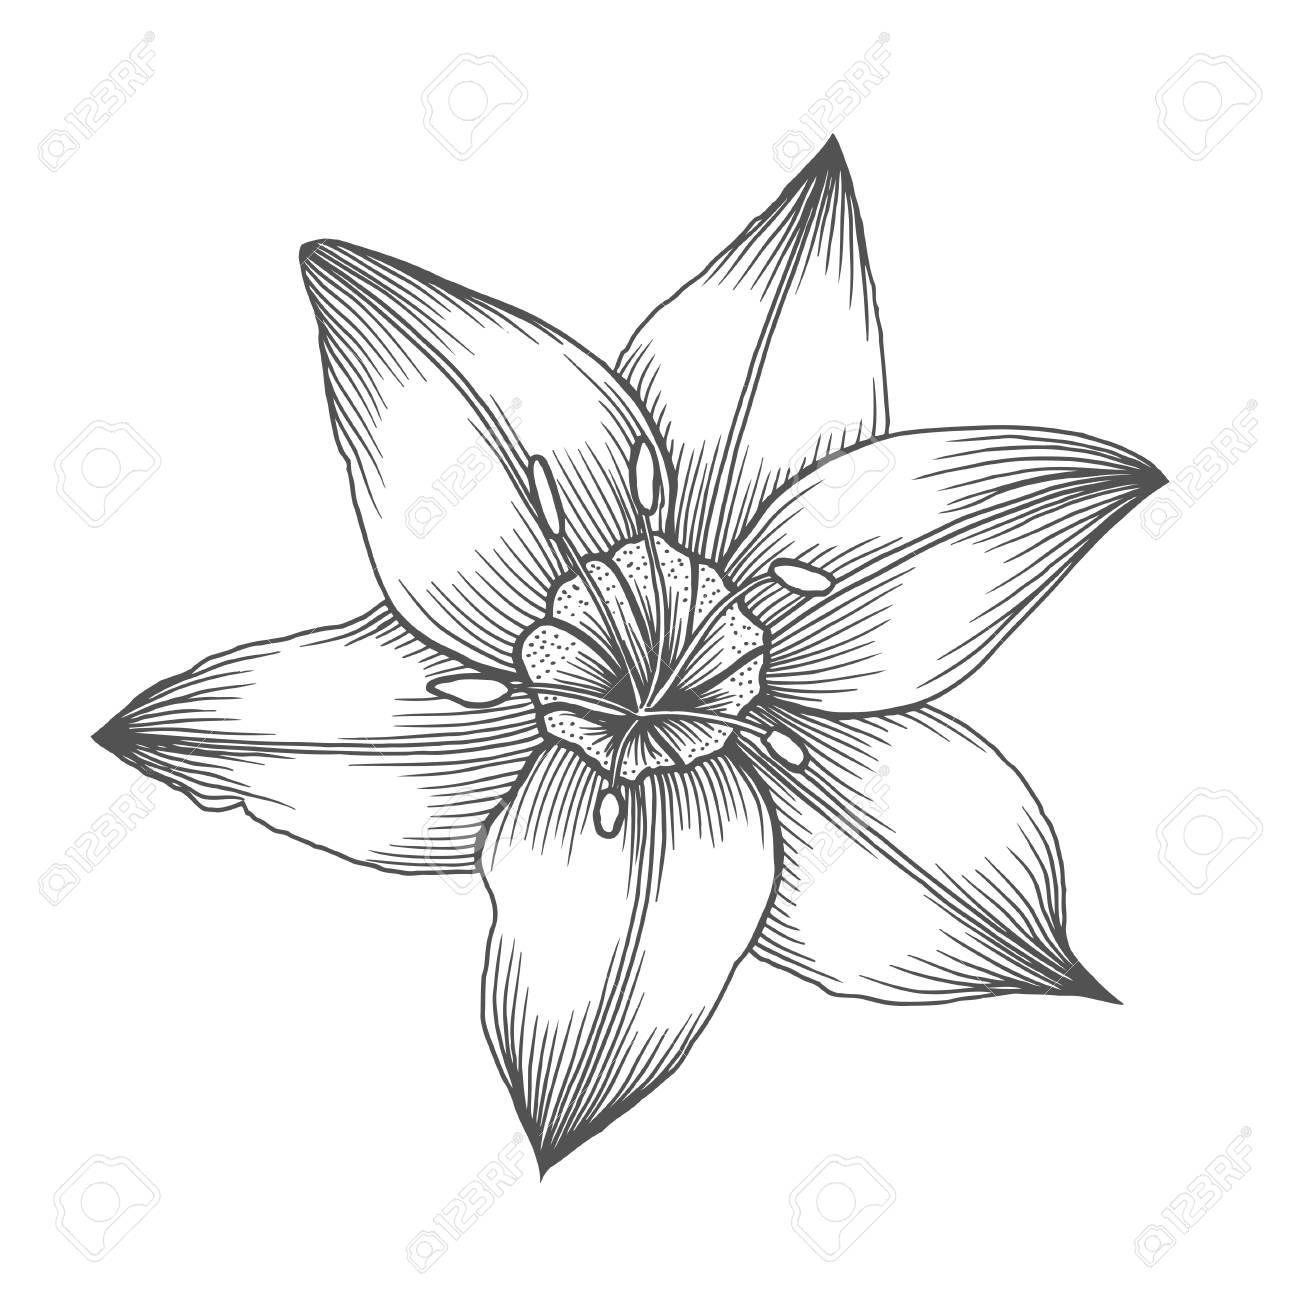 Flor De Lirio Patrón De Linea Ilustraciones Vectoriales Página De Libro Para Colorear Para Adultos Ame El Concepto De Bohemia Para La Tarjeta De